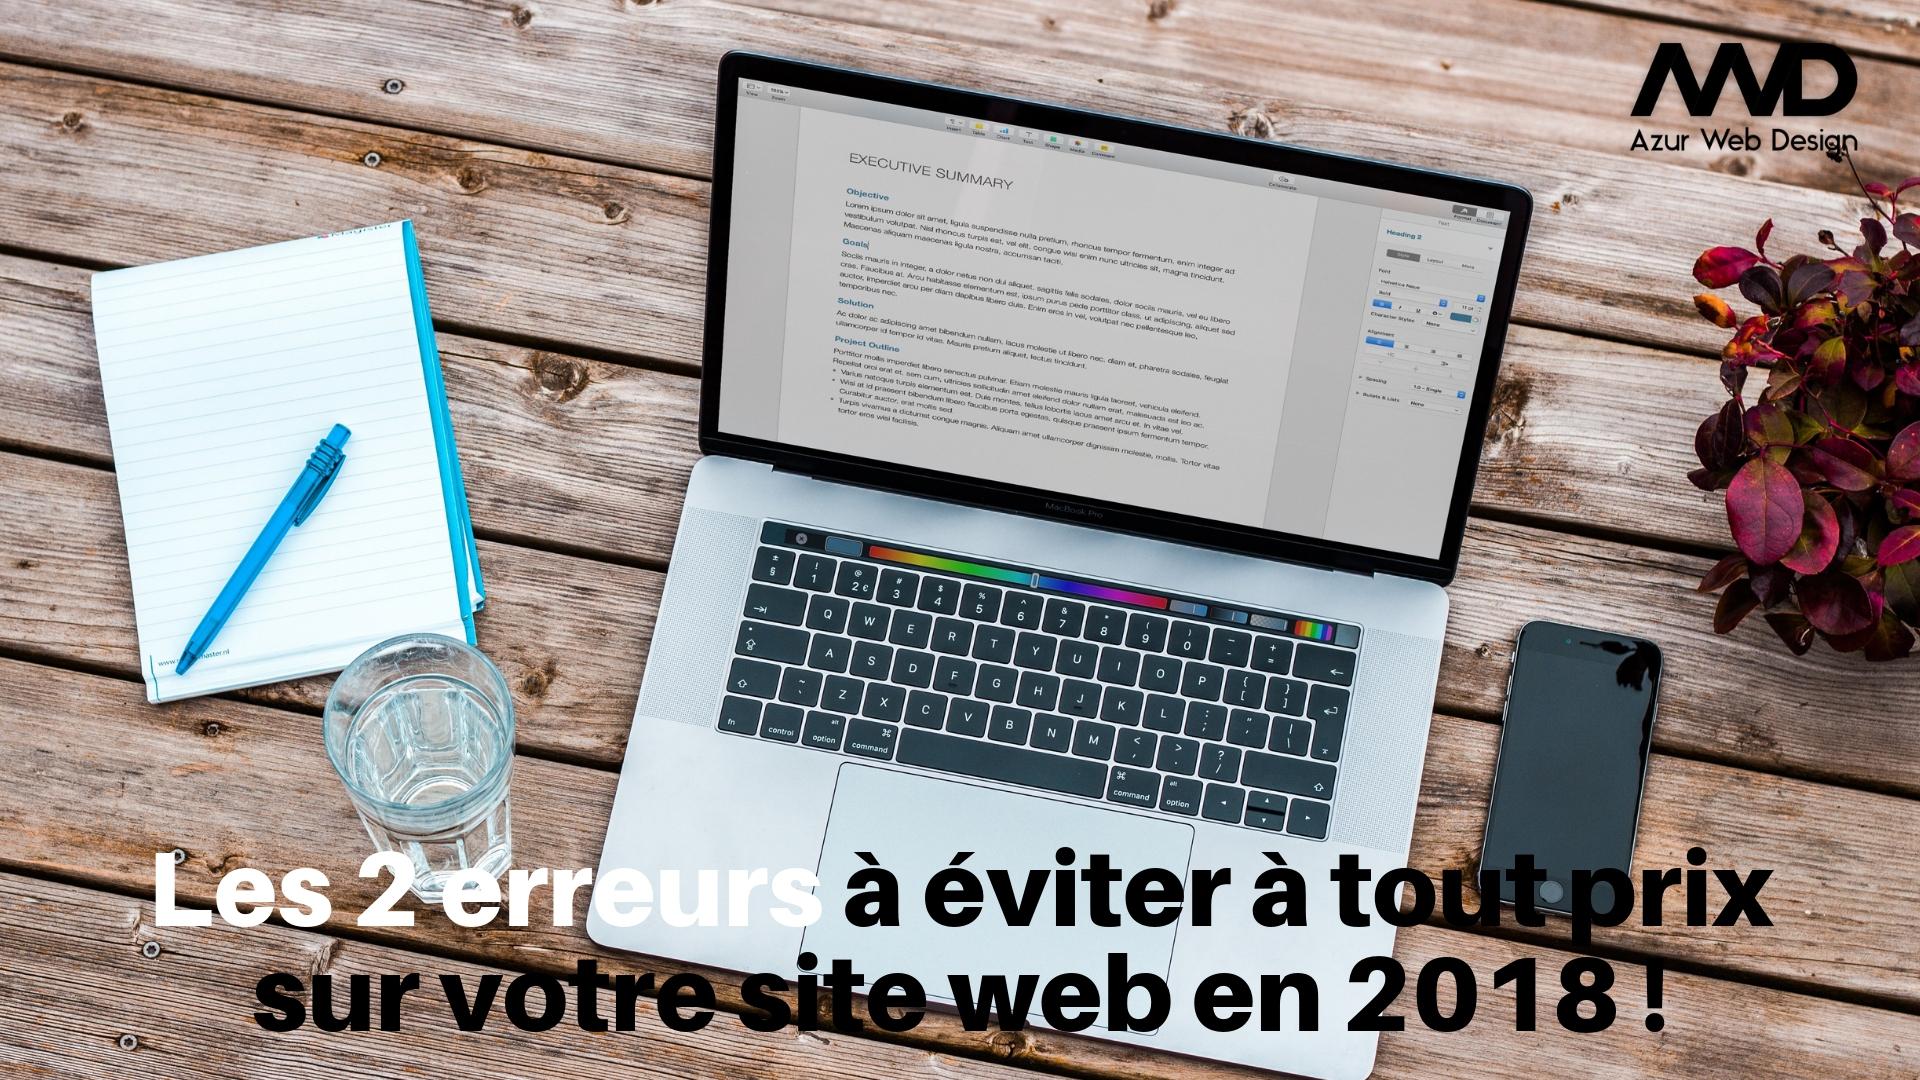 Les 2 erreurs à éviter à tout prix sur votre site web en 2018 !